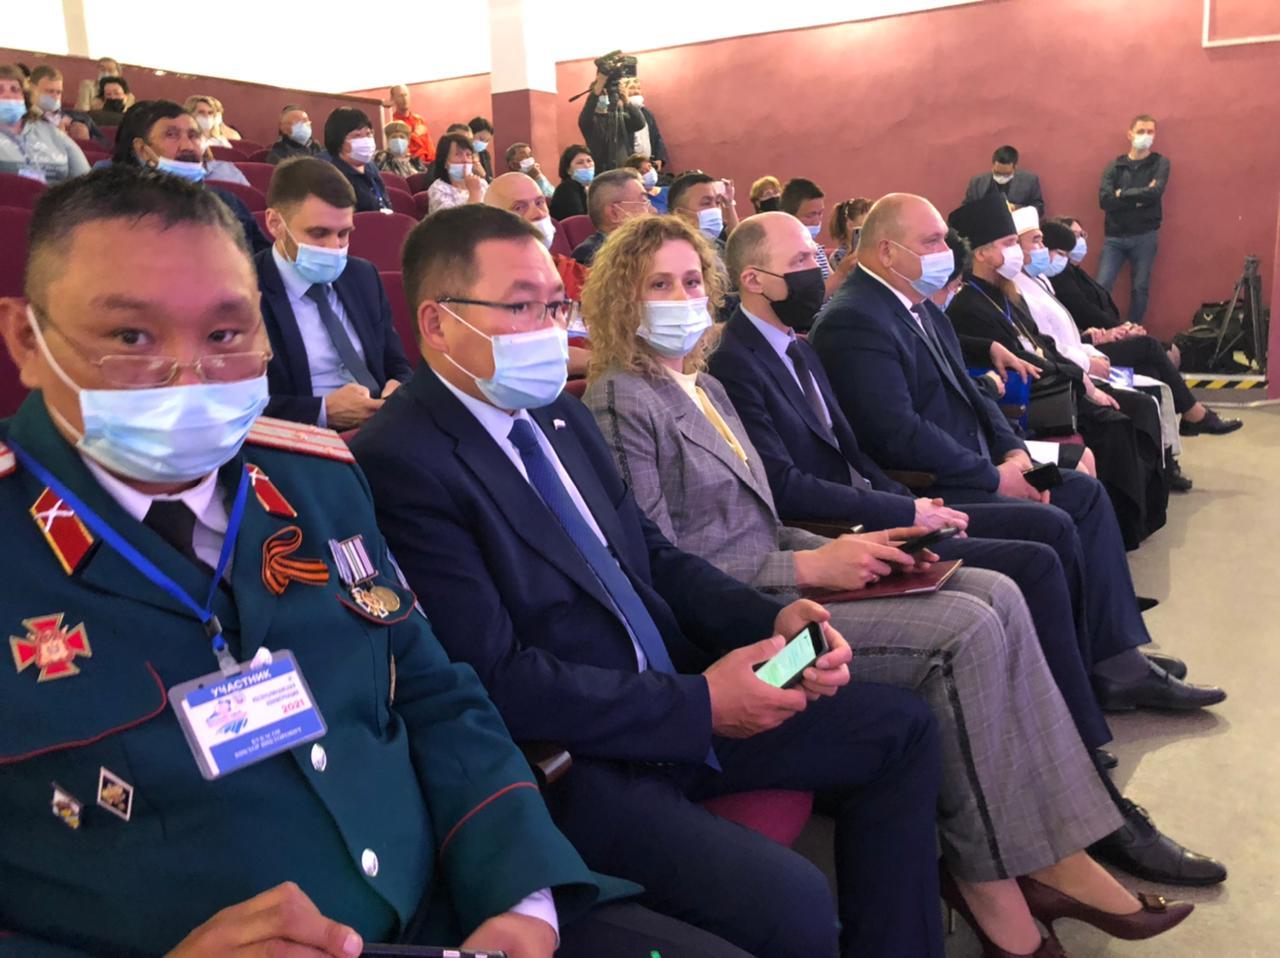 Конференция по нацоплитике в Республике Алтай